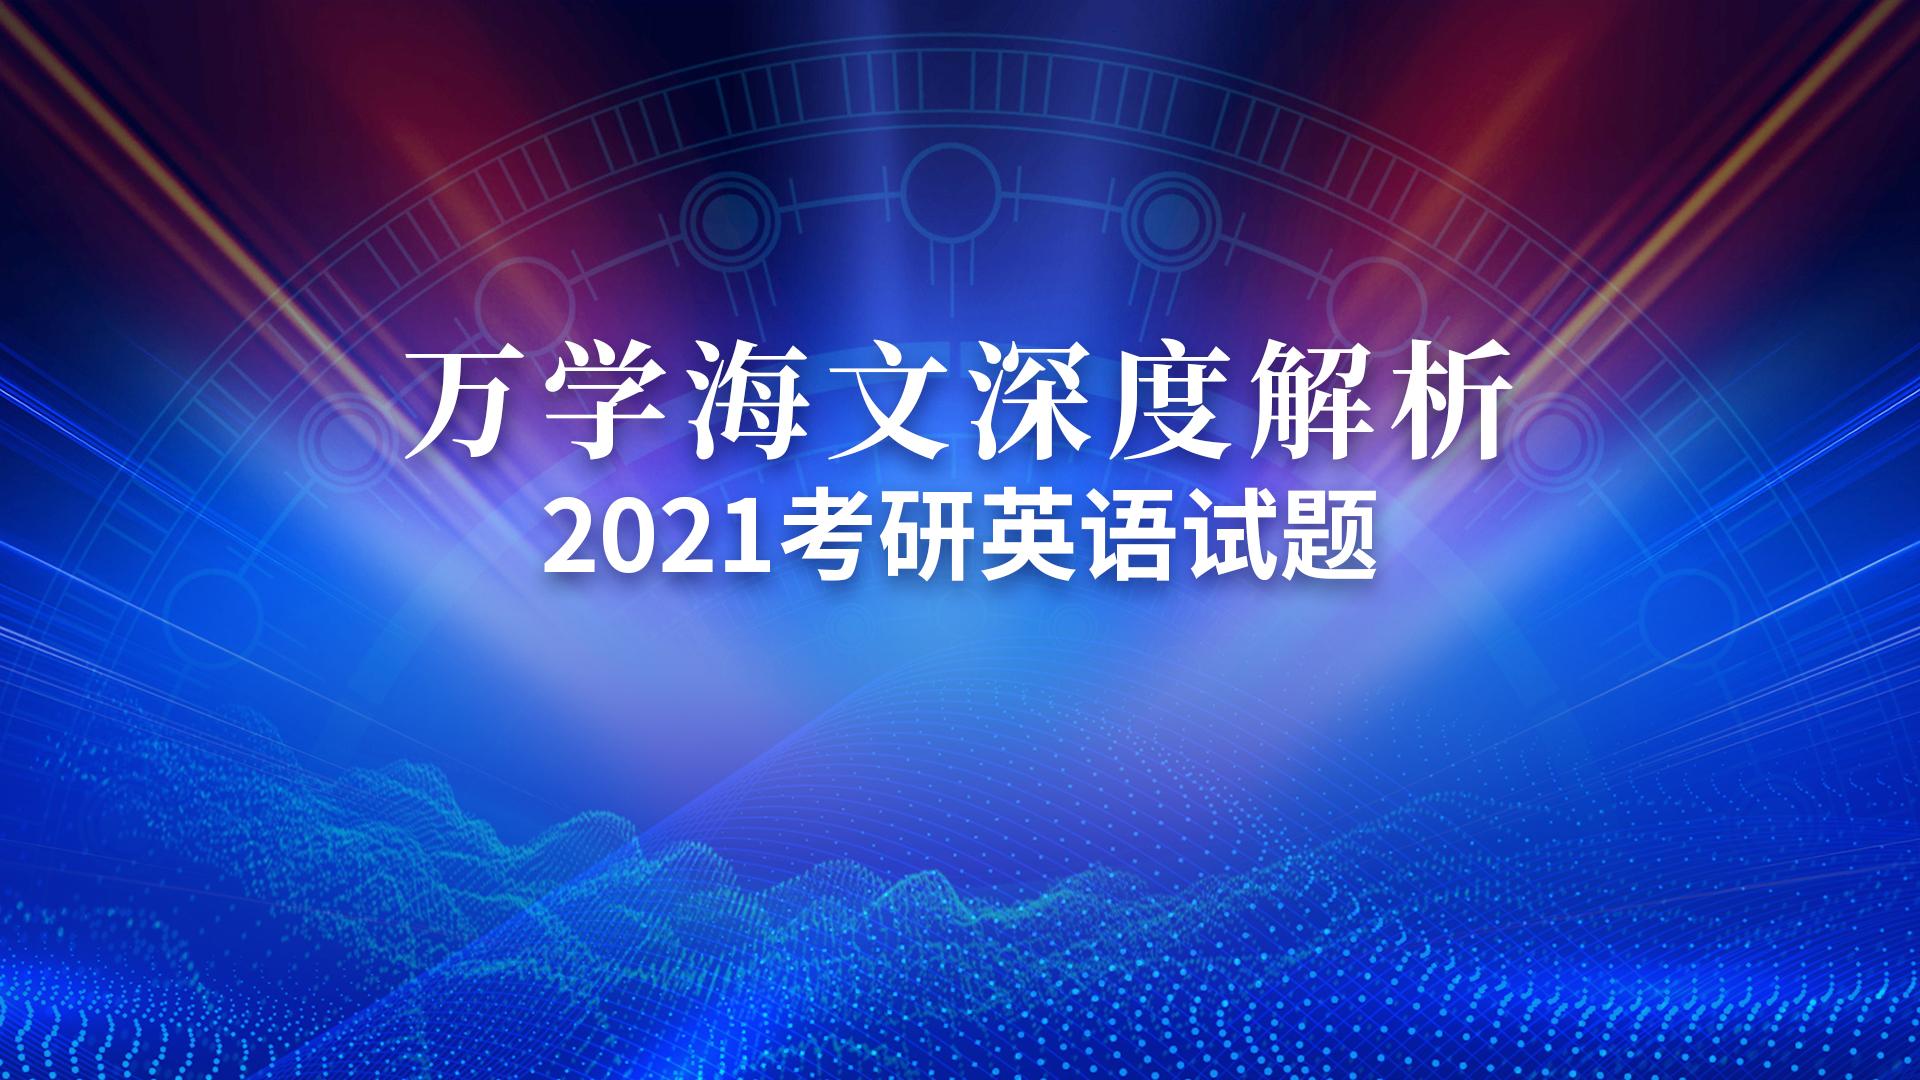 万学海文老师徐雯、姜鹏浩做客新浪教育深度解析2021考研英语试题